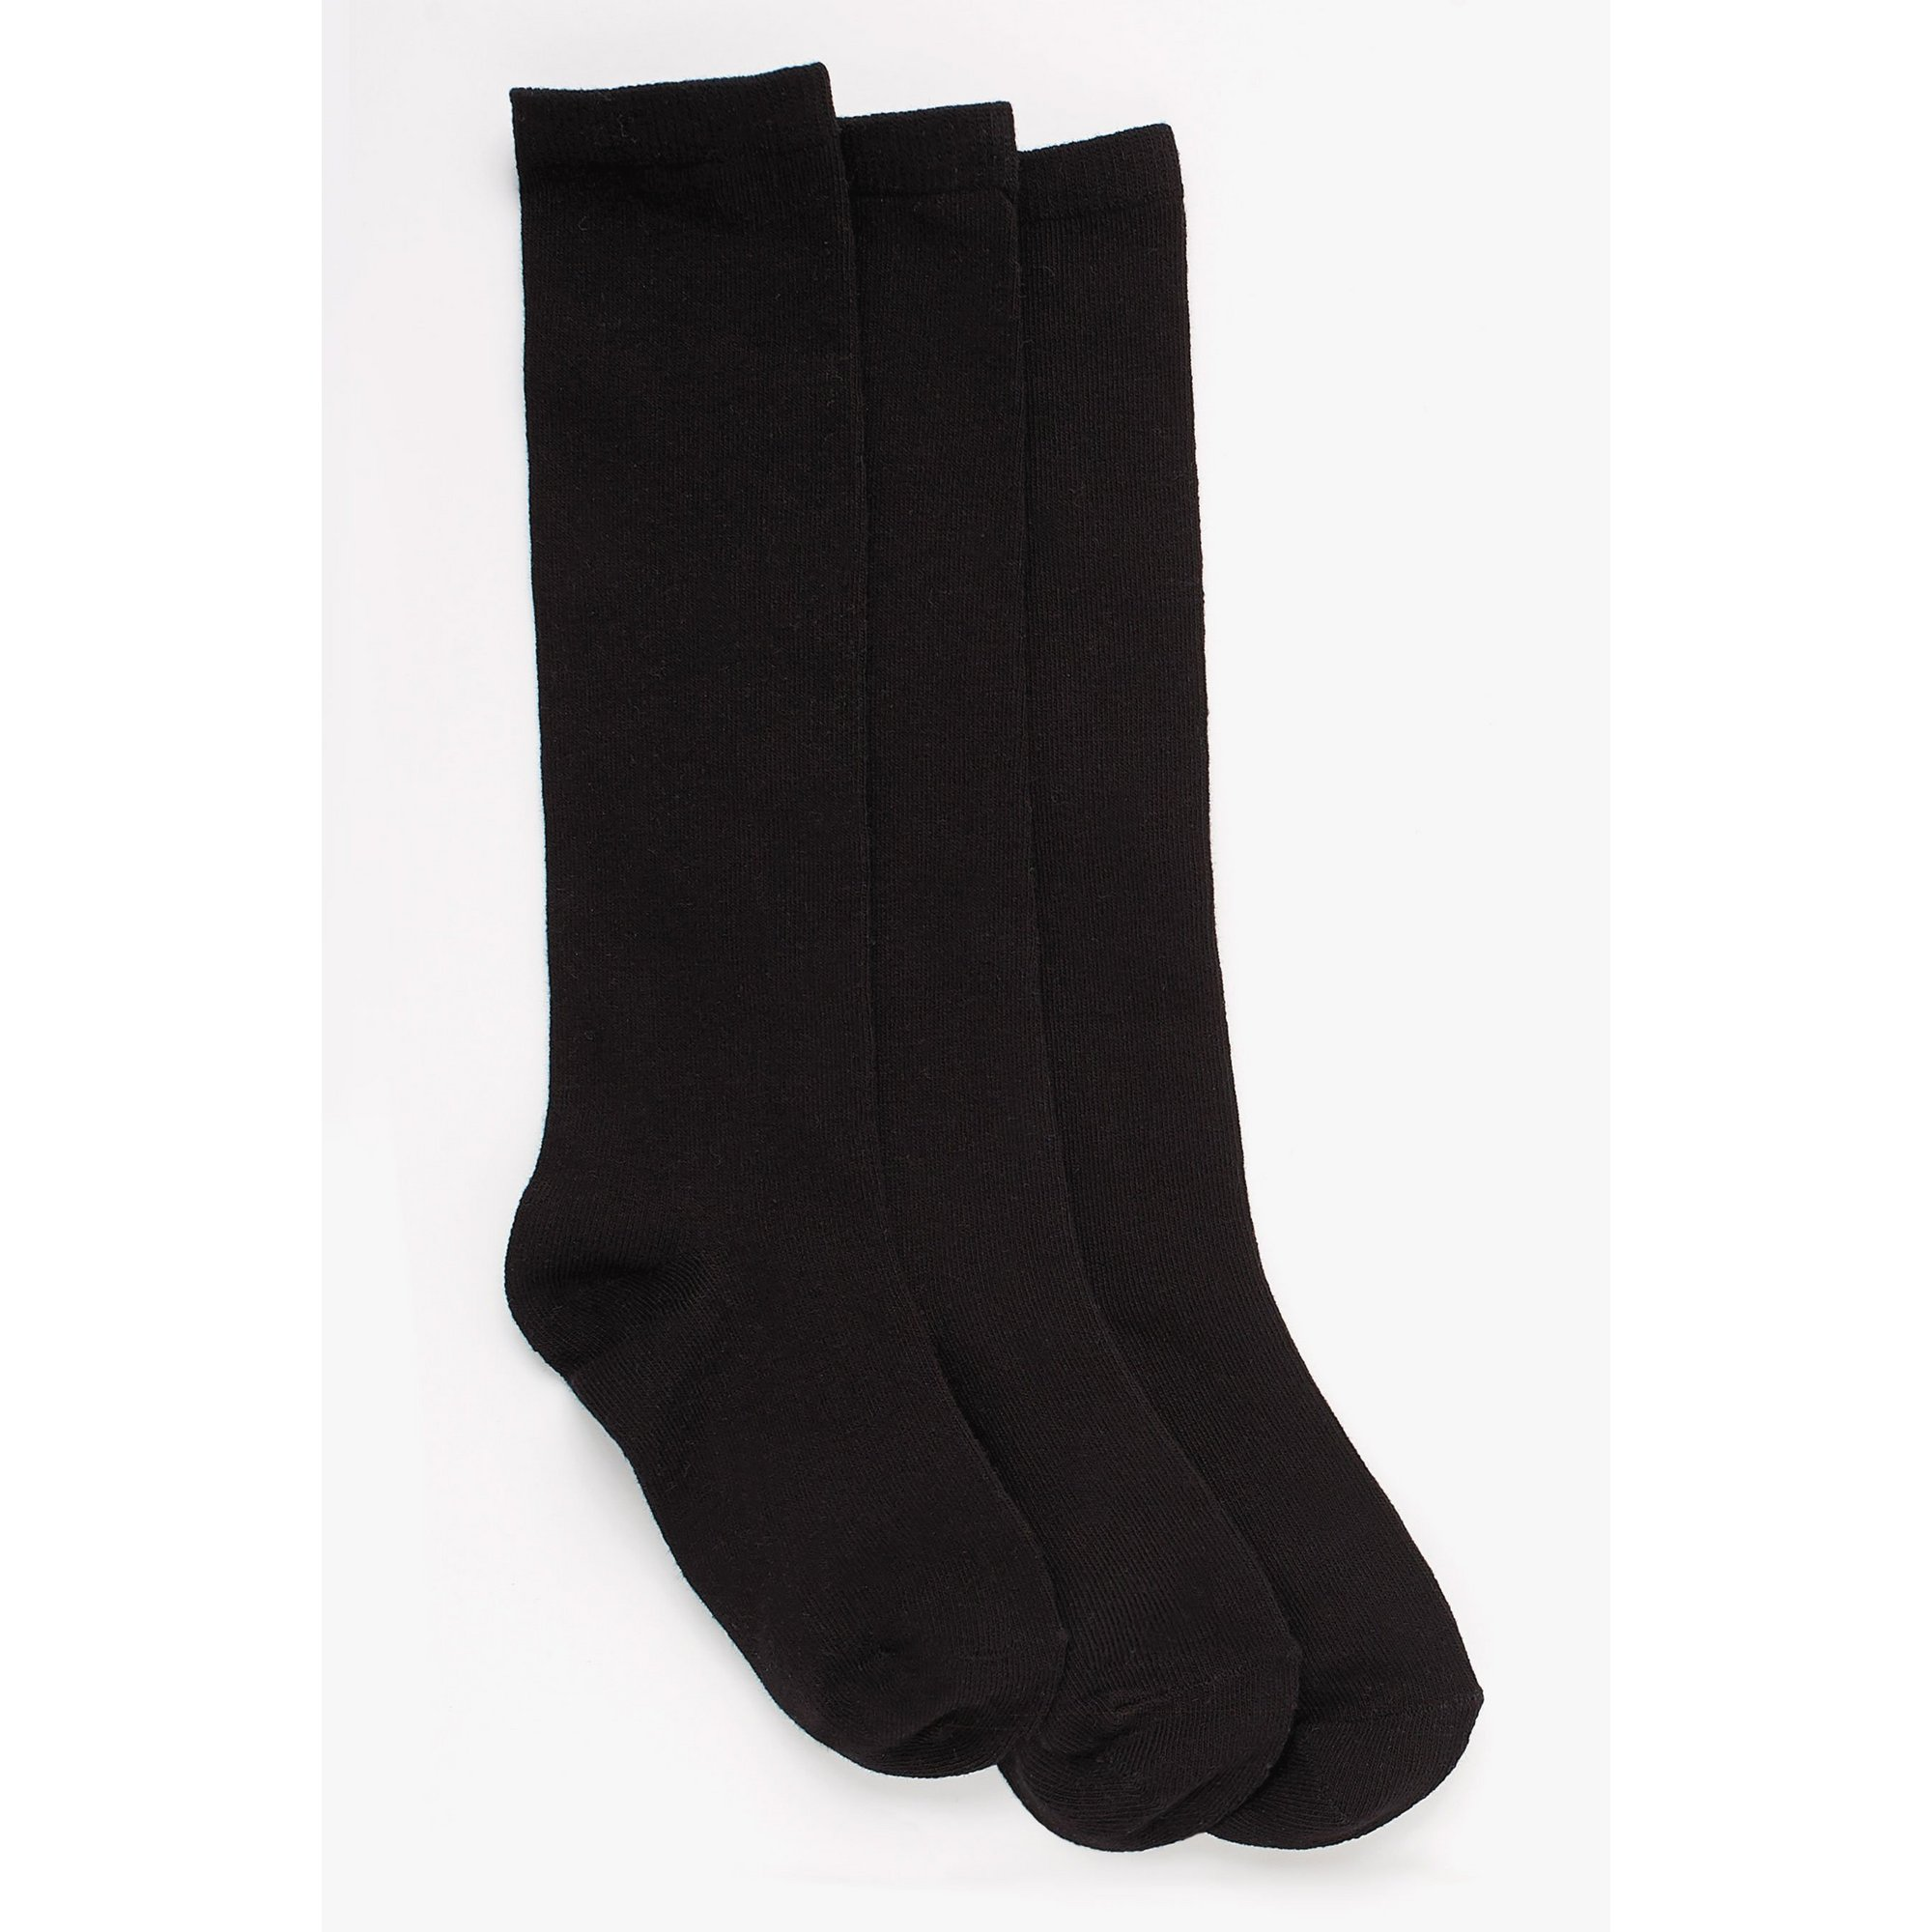 Image of Girls Pack of 3 Knee High Socks